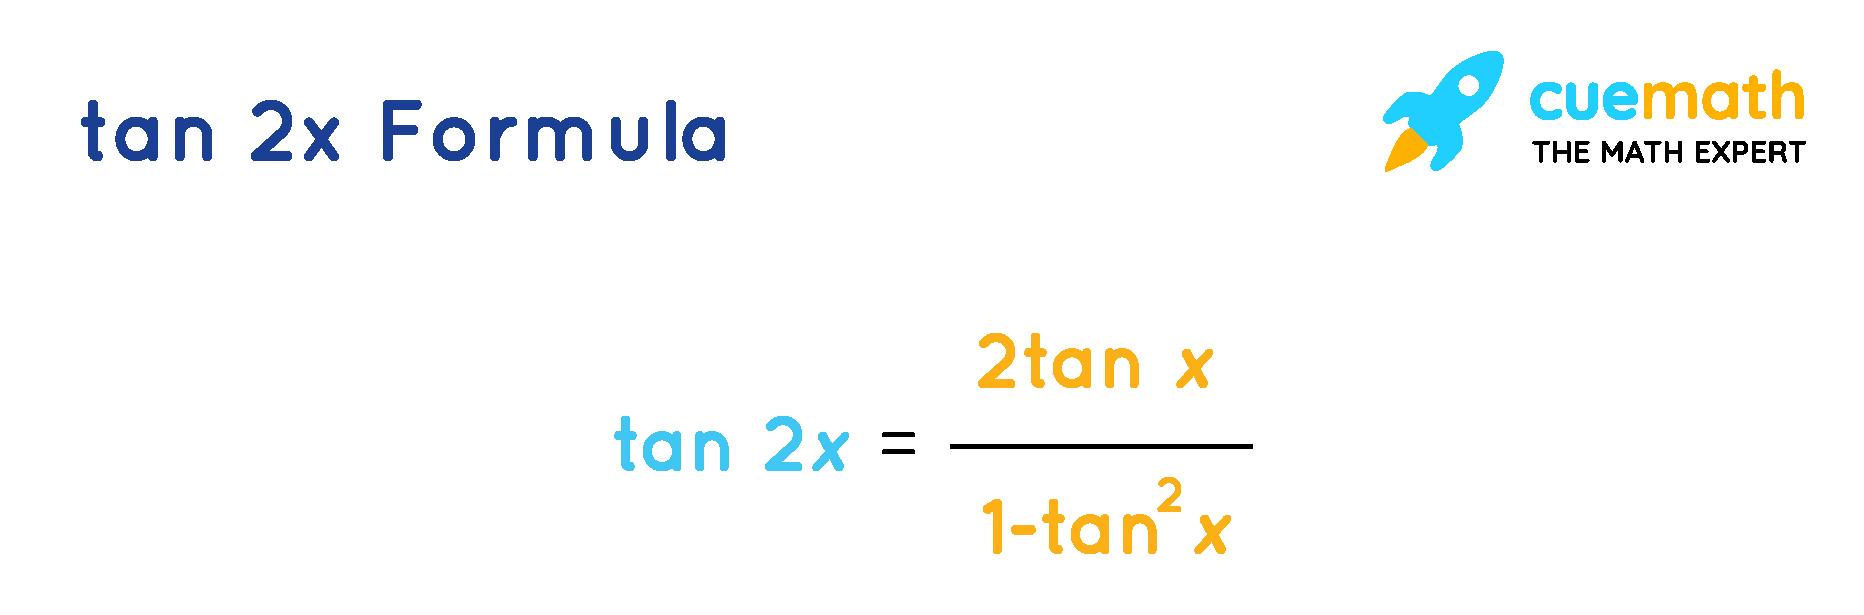 tan2x formula in terms of tan